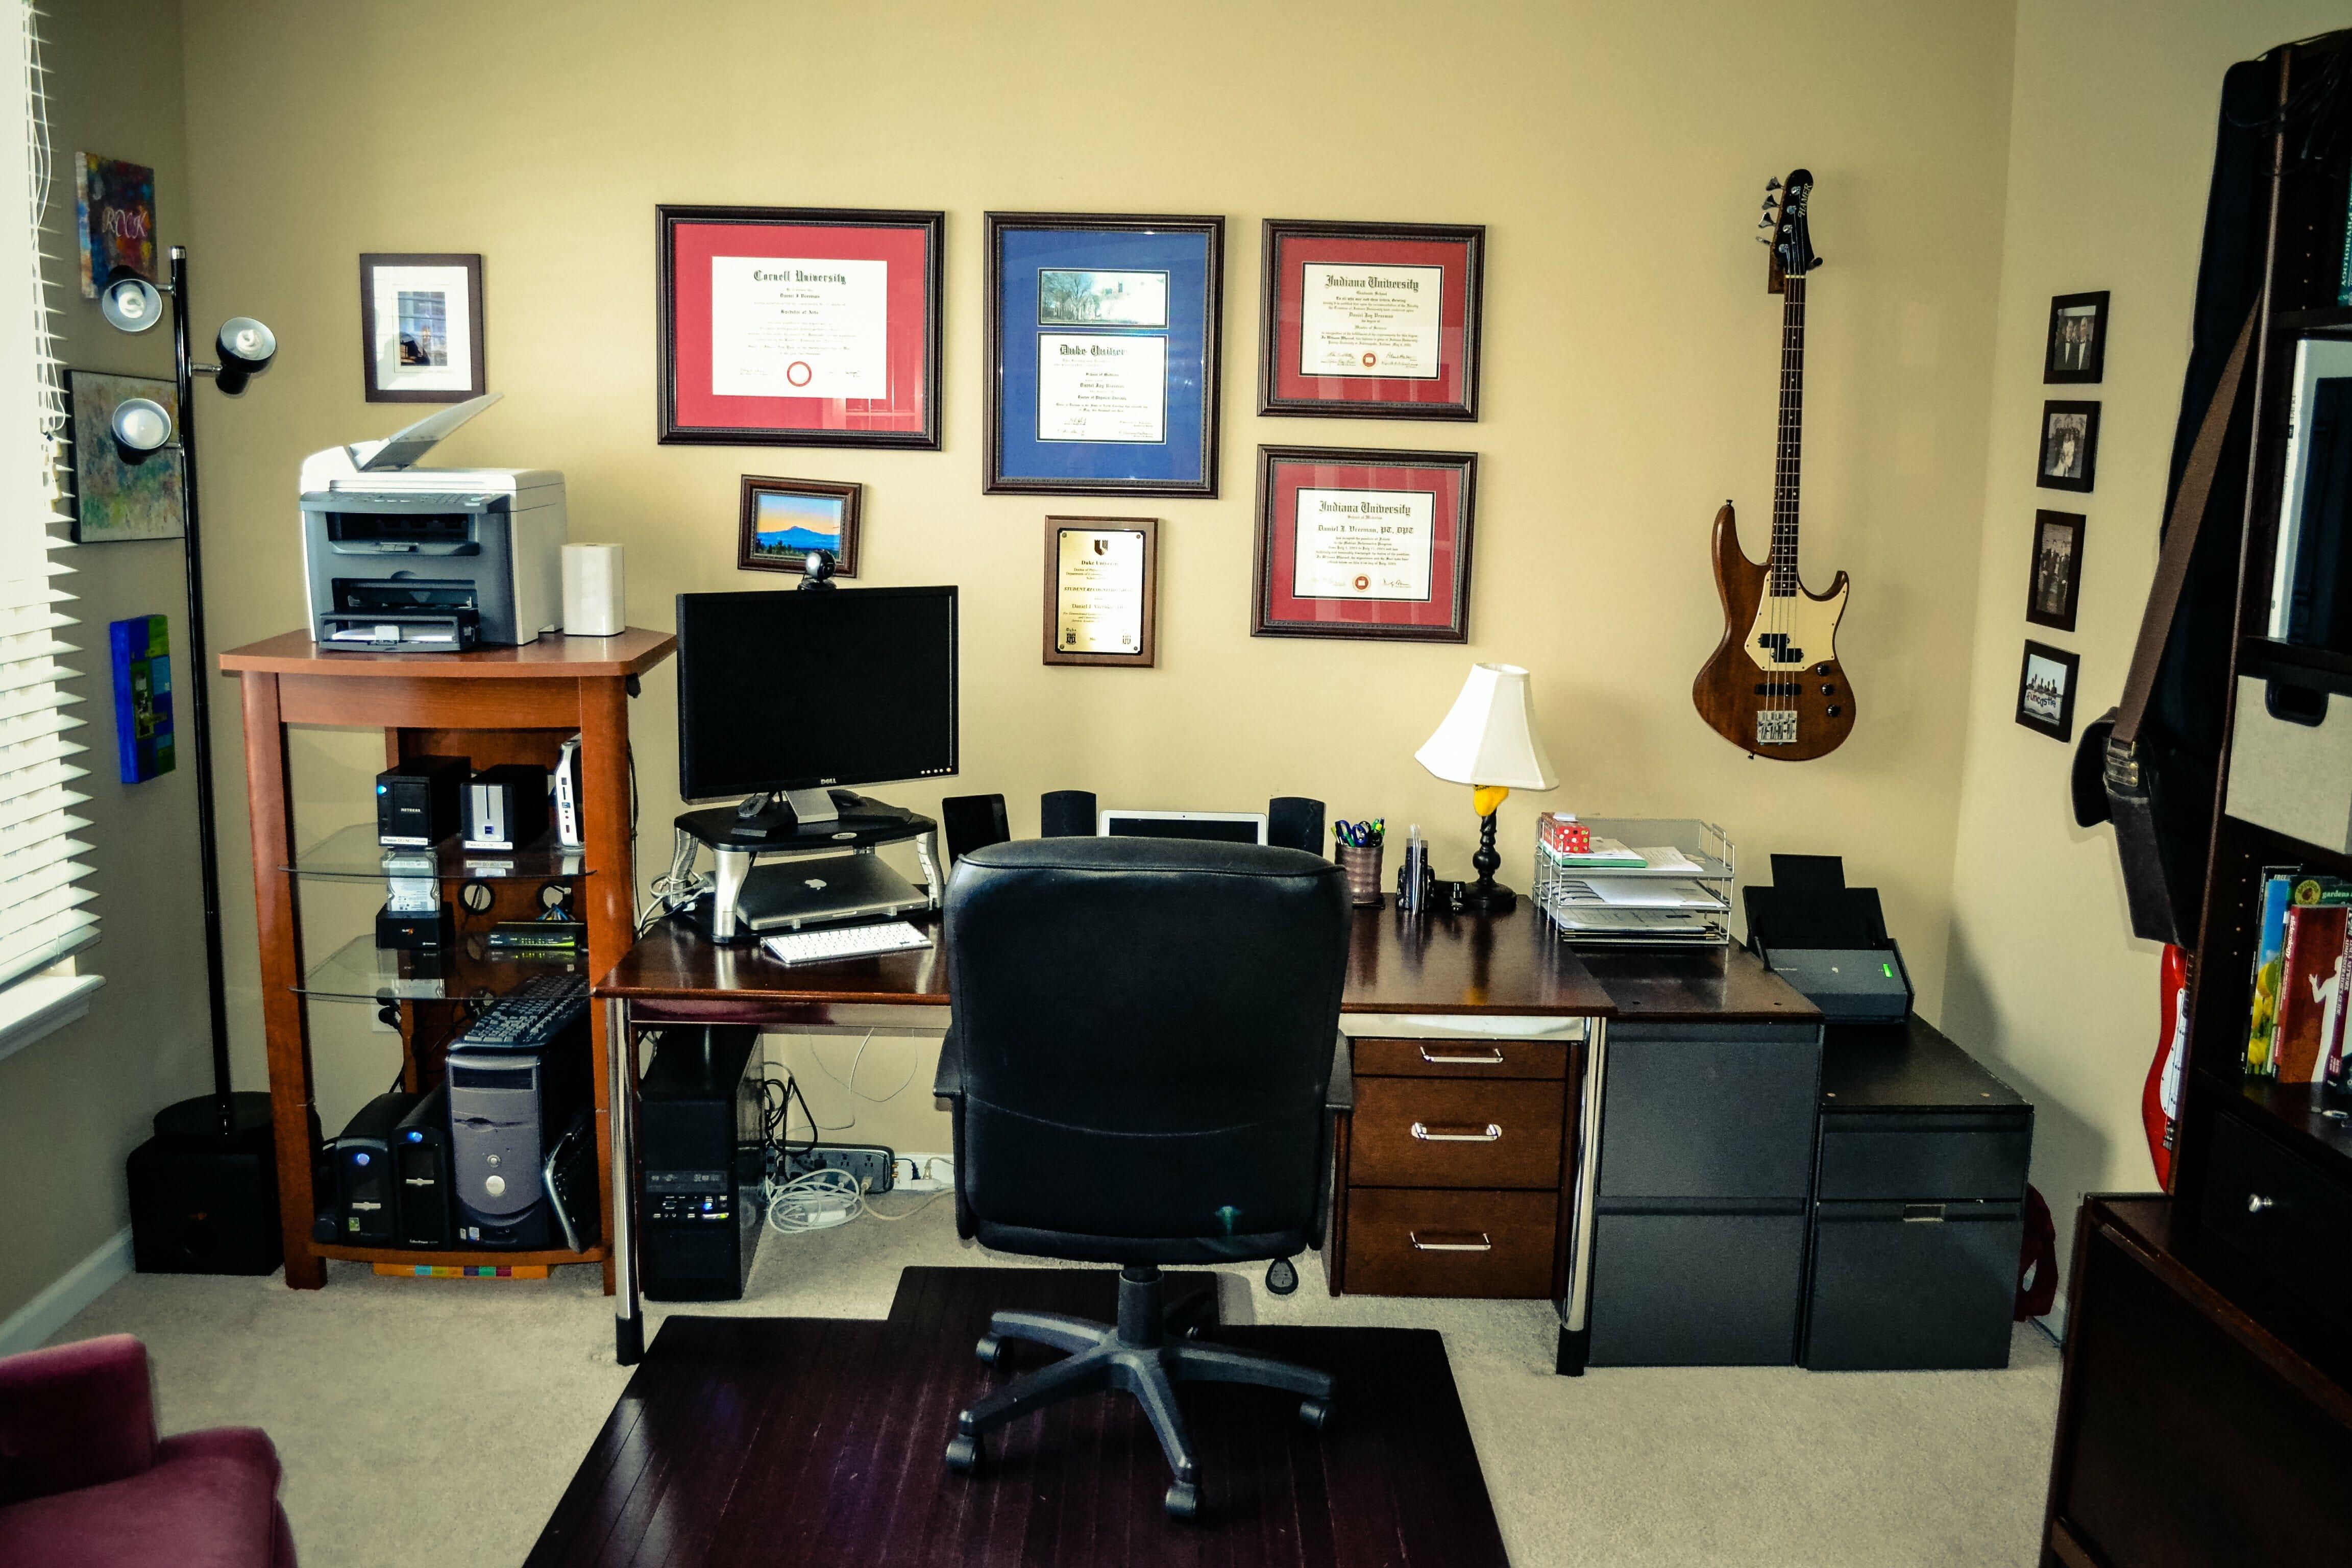 Merveilleux 20140125   09 10 48   01   4608 X 3072. Home Office ...